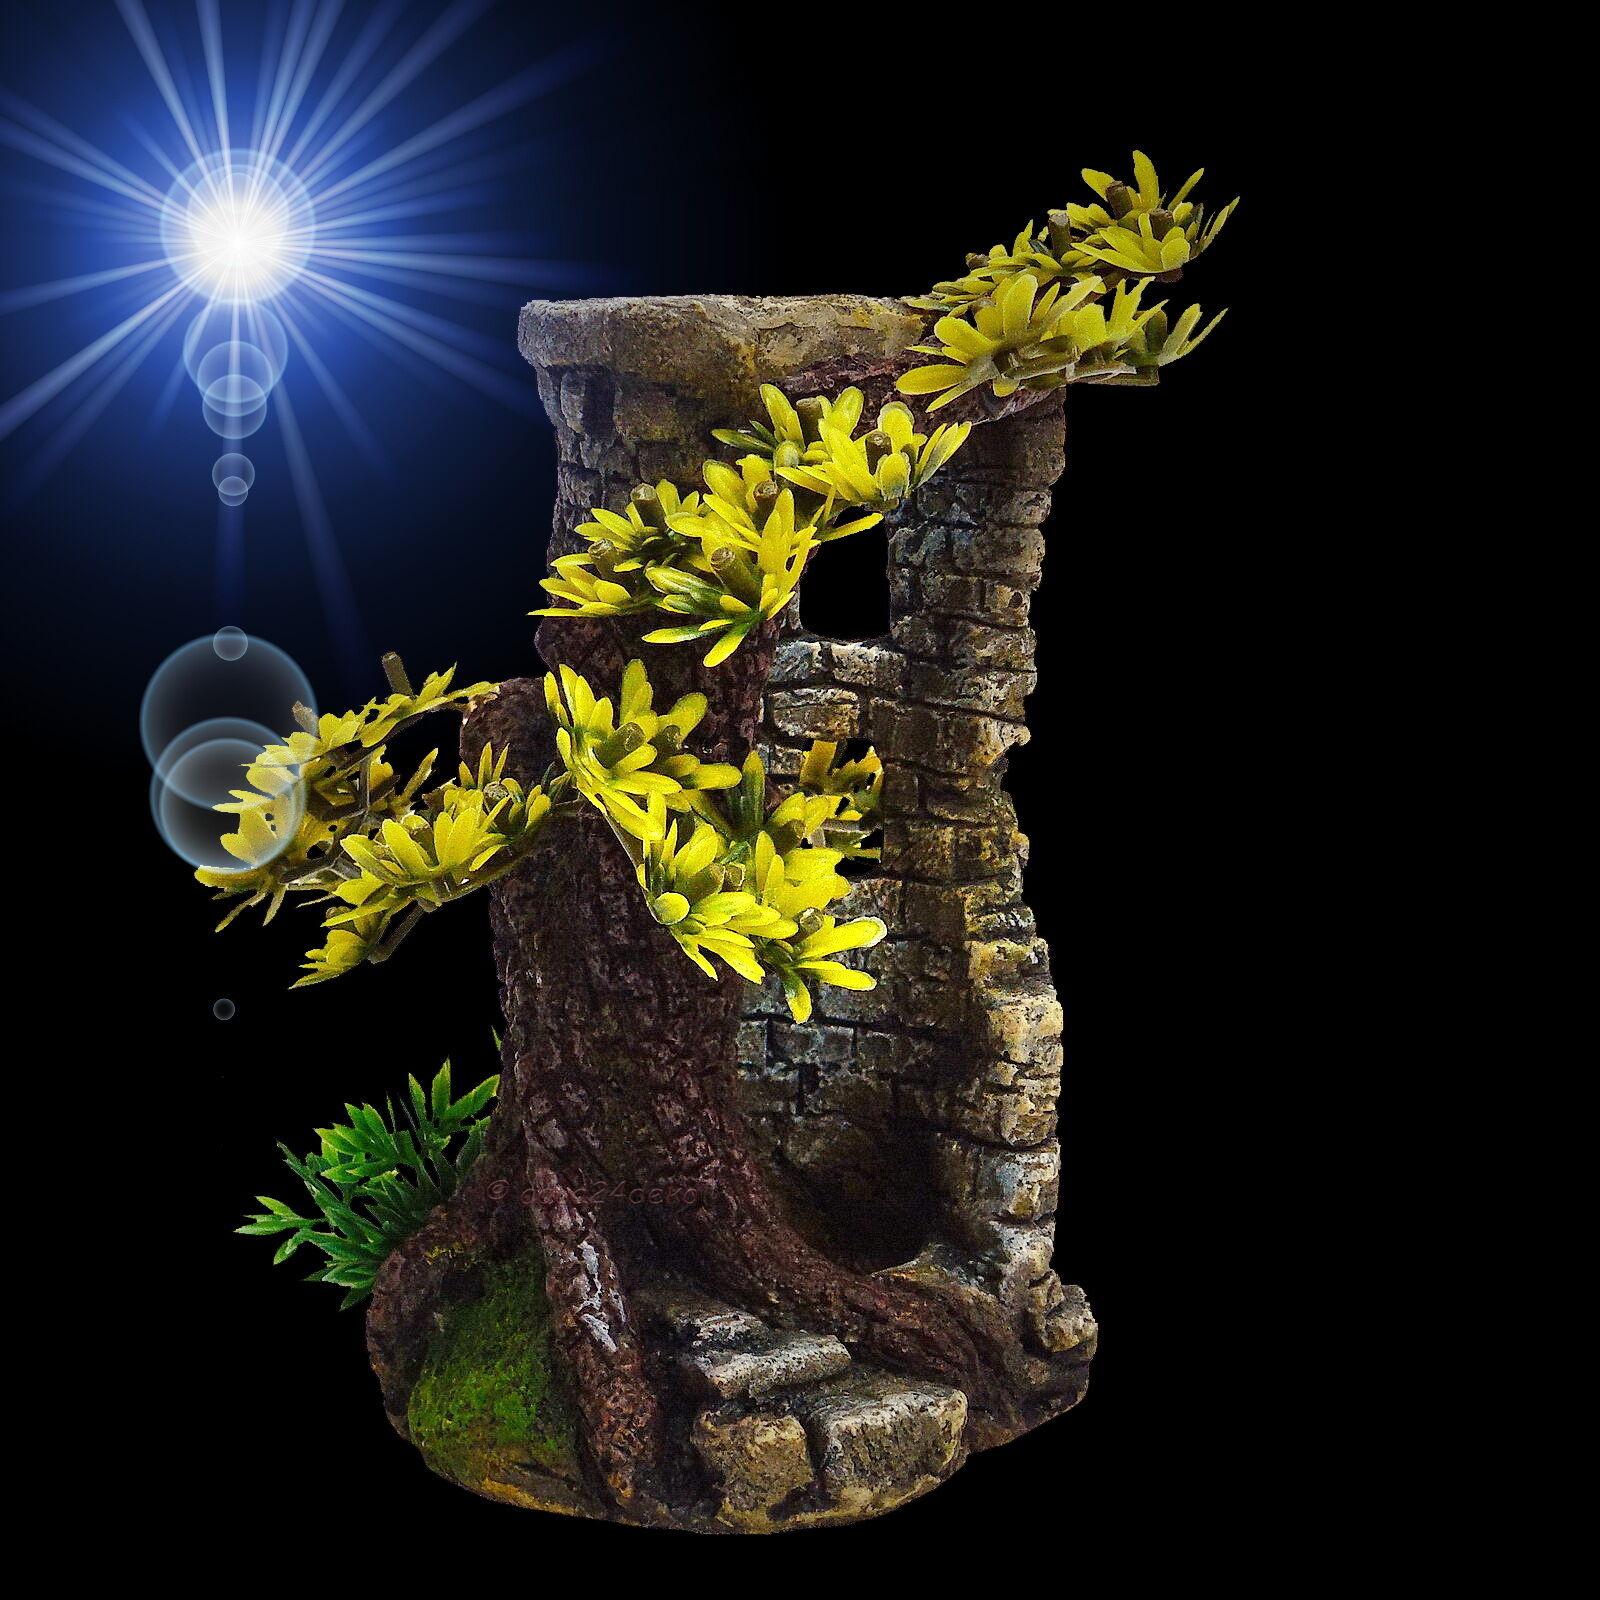 aquarium deko turm ruine h hle burg terrarium dekoration zubeh r eur 12 99 picclick de. Black Bedroom Furniture Sets. Home Design Ideas